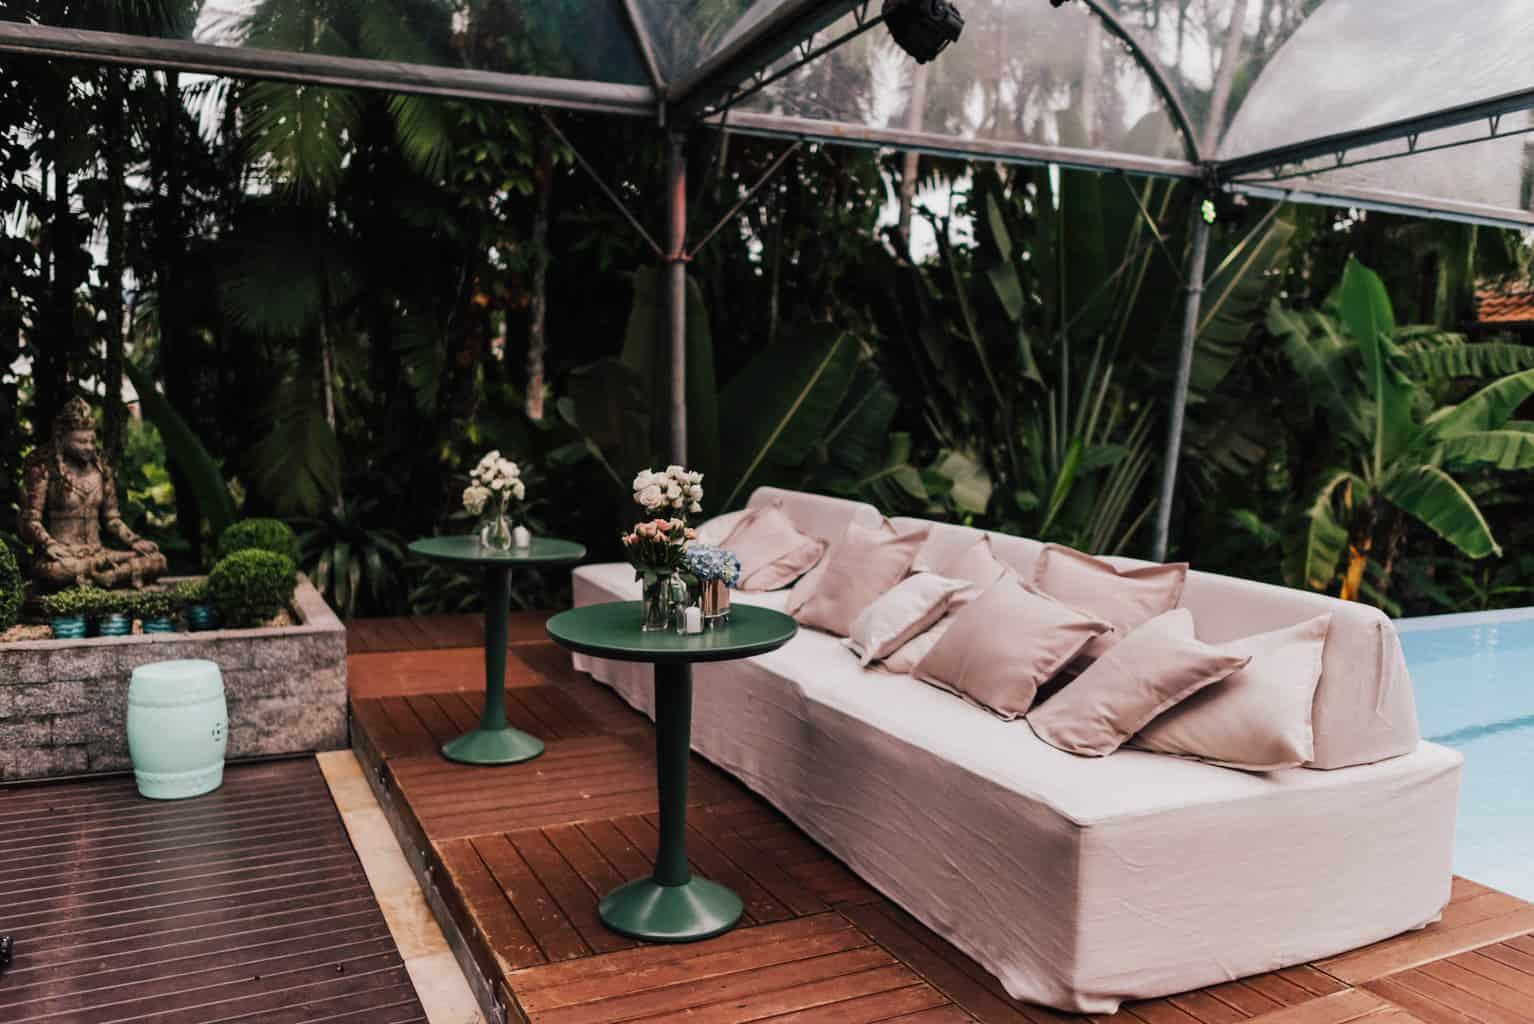 casamento-Maitê-e-Breno-decor-contemporanea-decoracao-branca-com-verde-Fotografia-Mana-Gollo-Hotel-Timbó-Park2